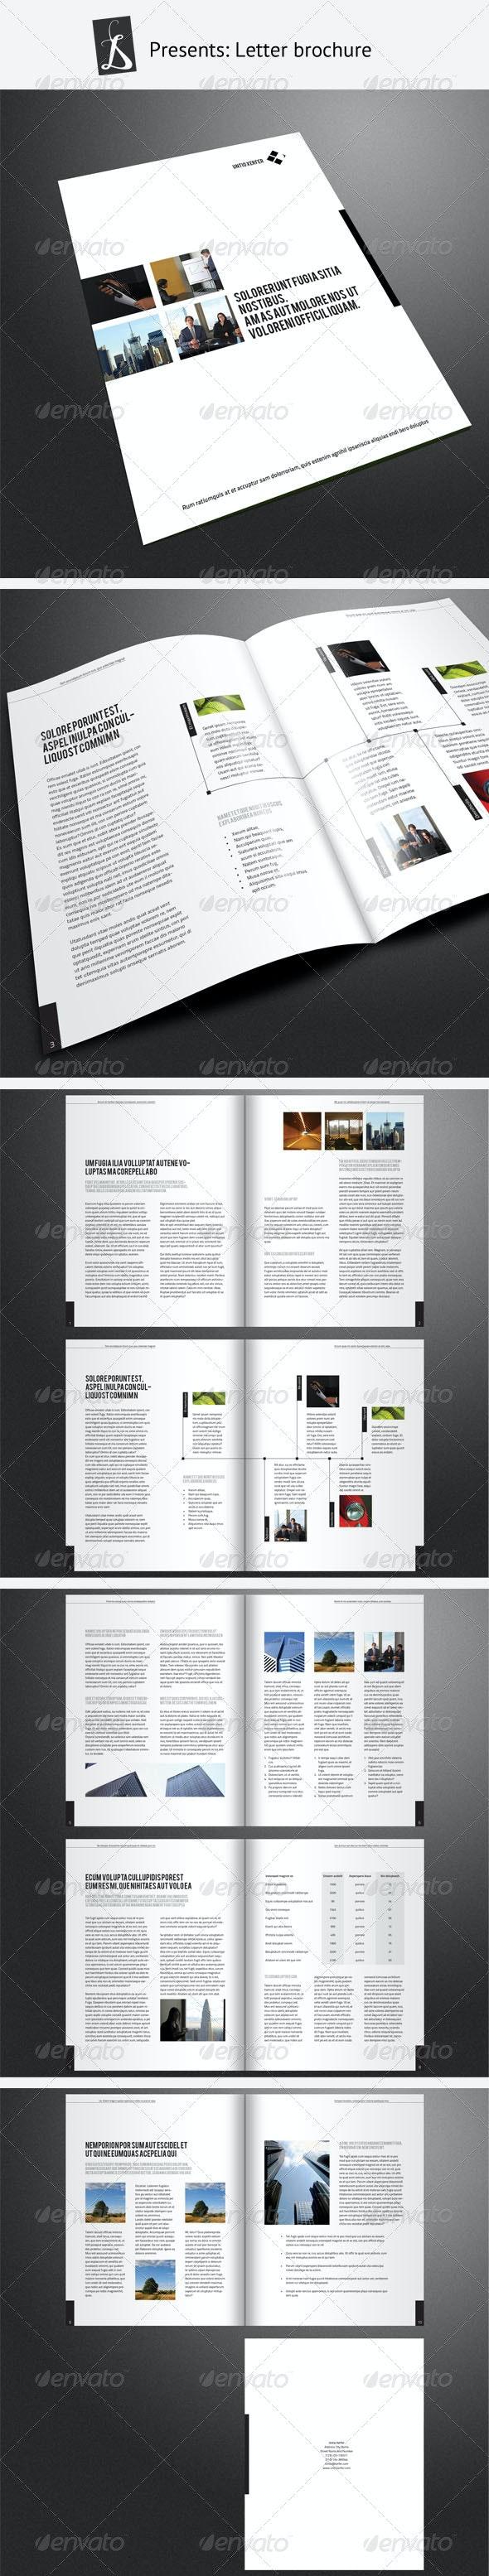 Corporate Brochure 12 - Corporate Brochures